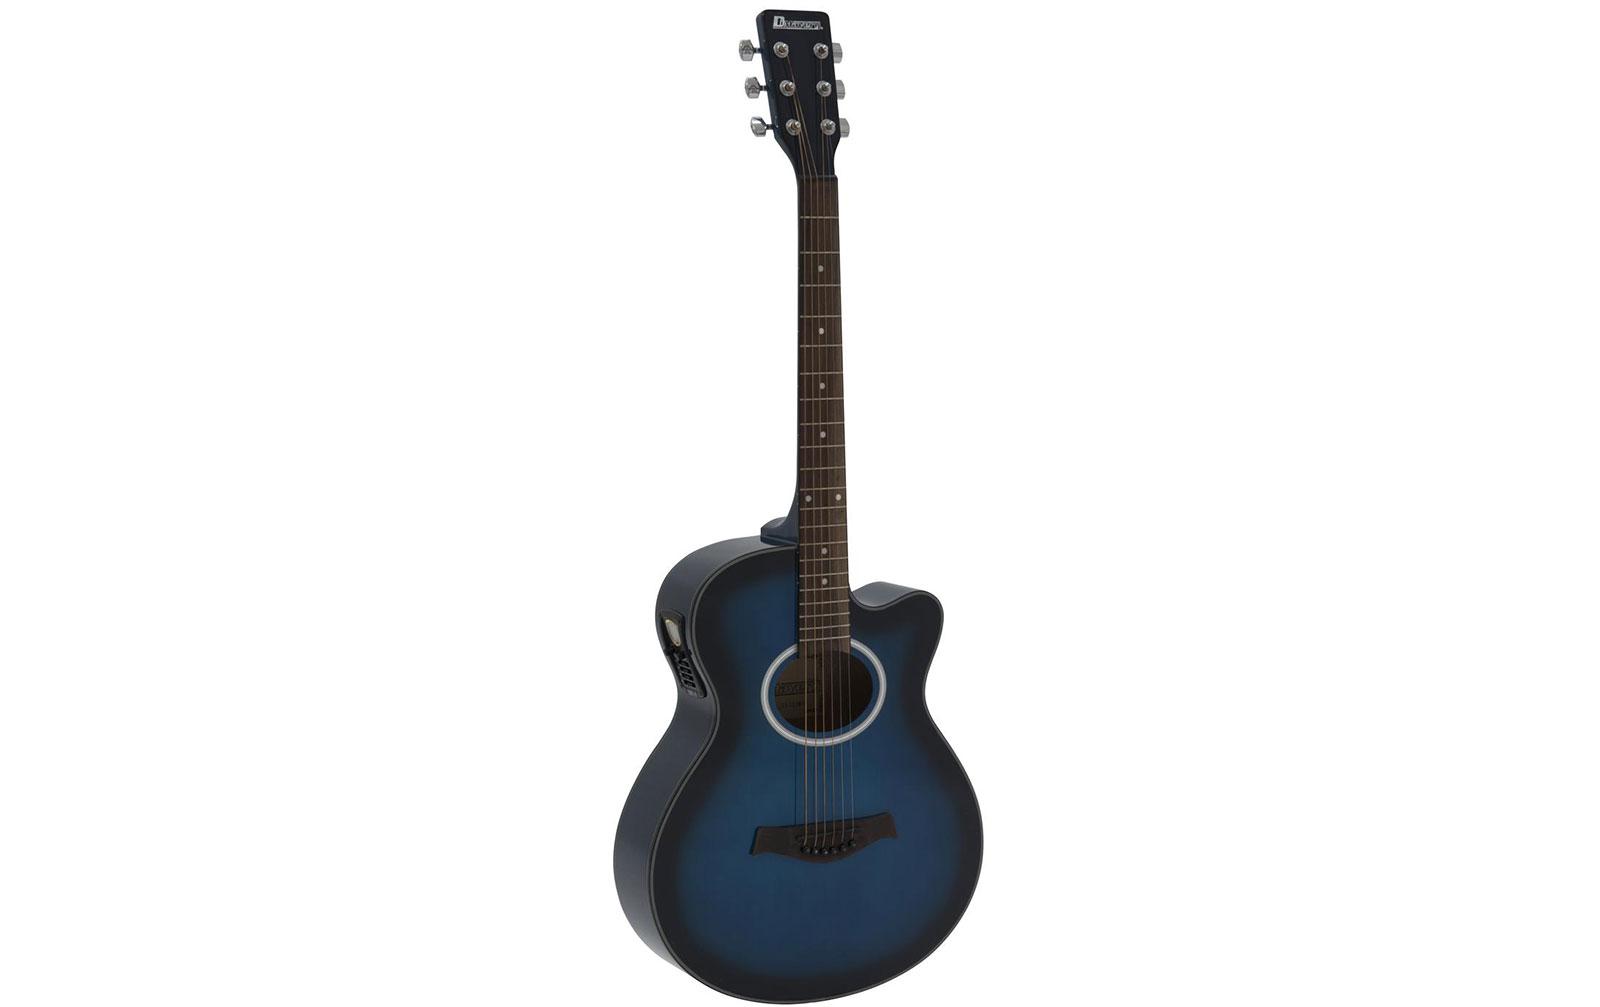 dimavery-aw-400-western-gitarre-blueburst